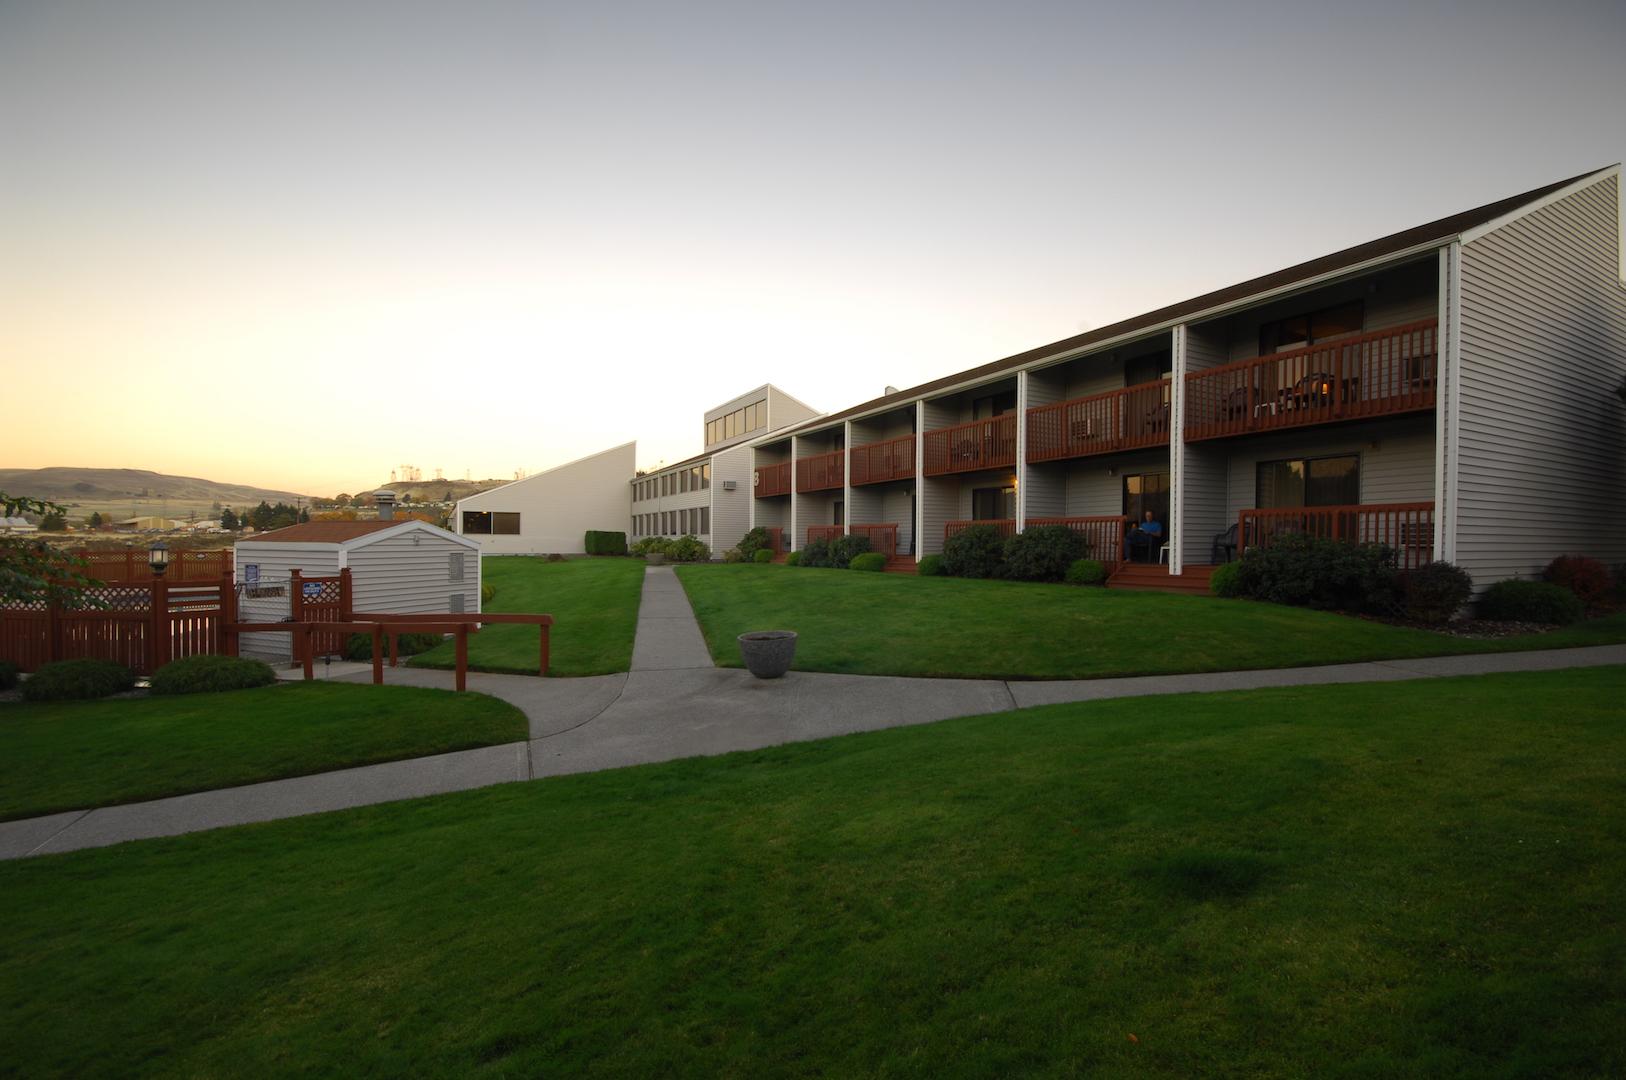 Shilo Inns The Dalles